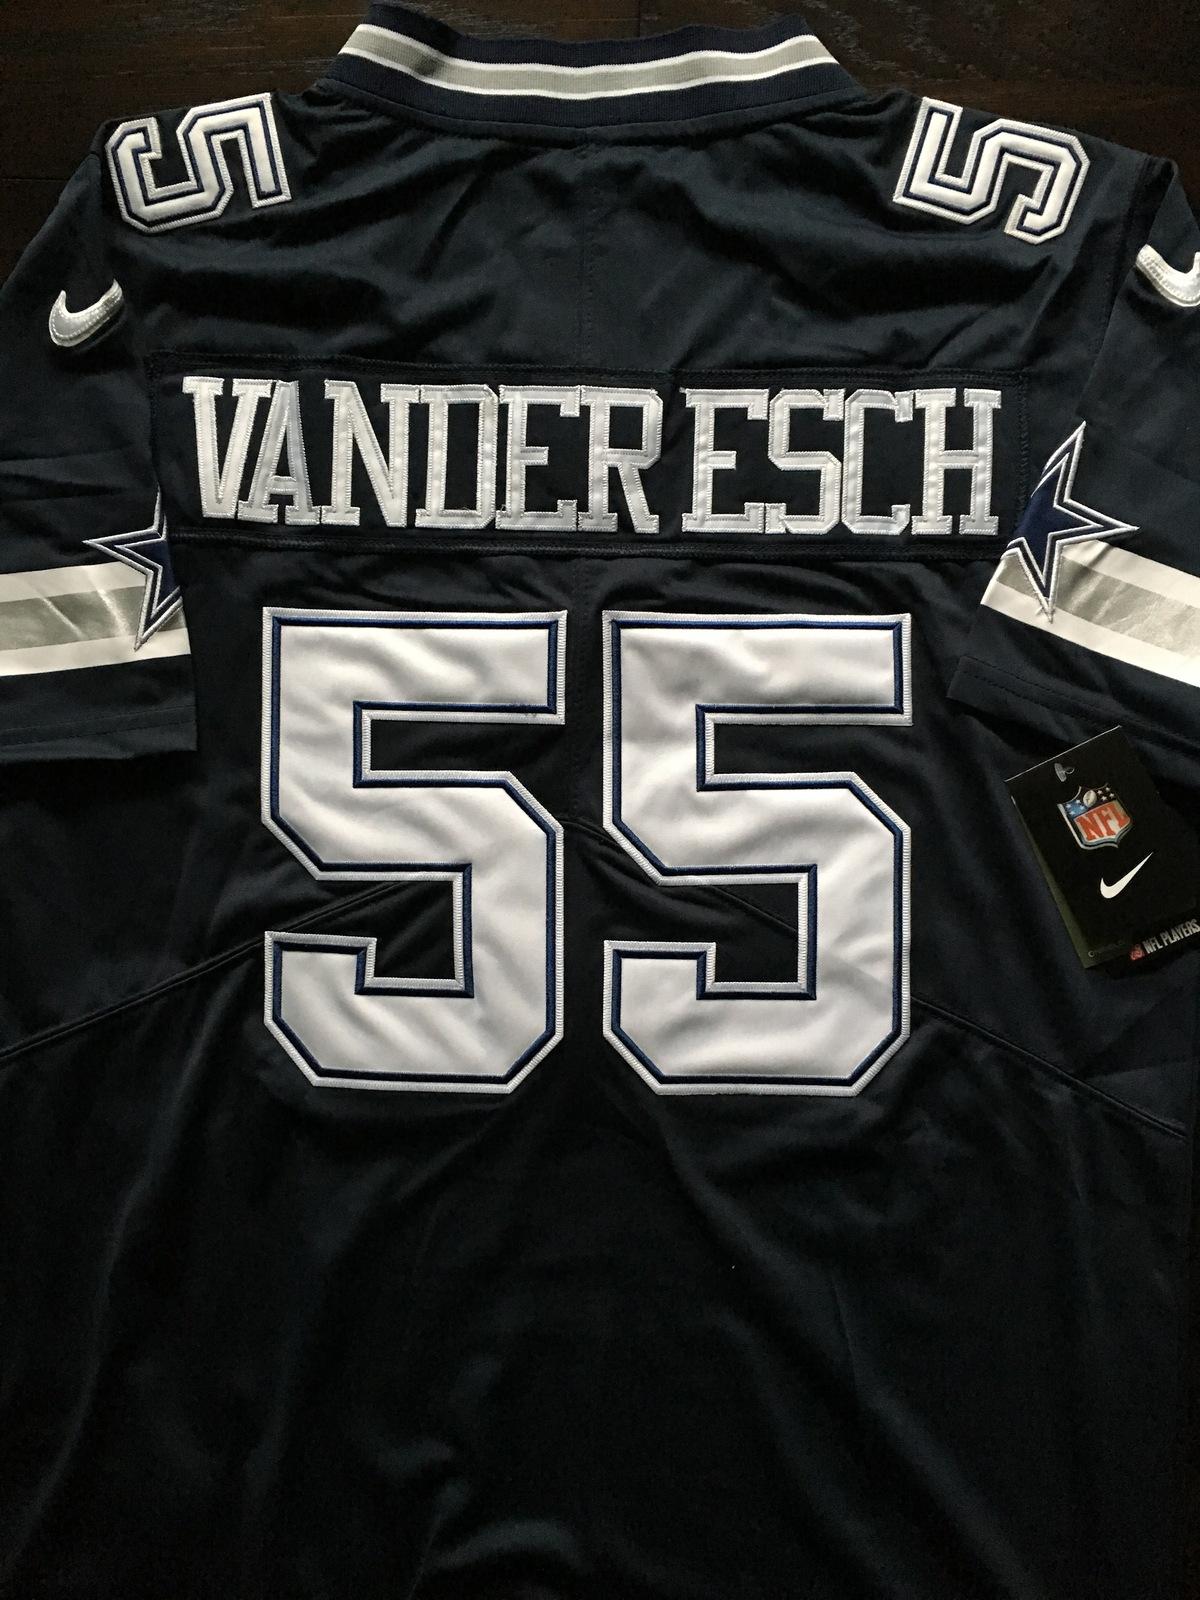 1e94738f6 Leighton Vander Esch #55 Dallas Cowboys Sewn Navy Game Jersey Mens Small